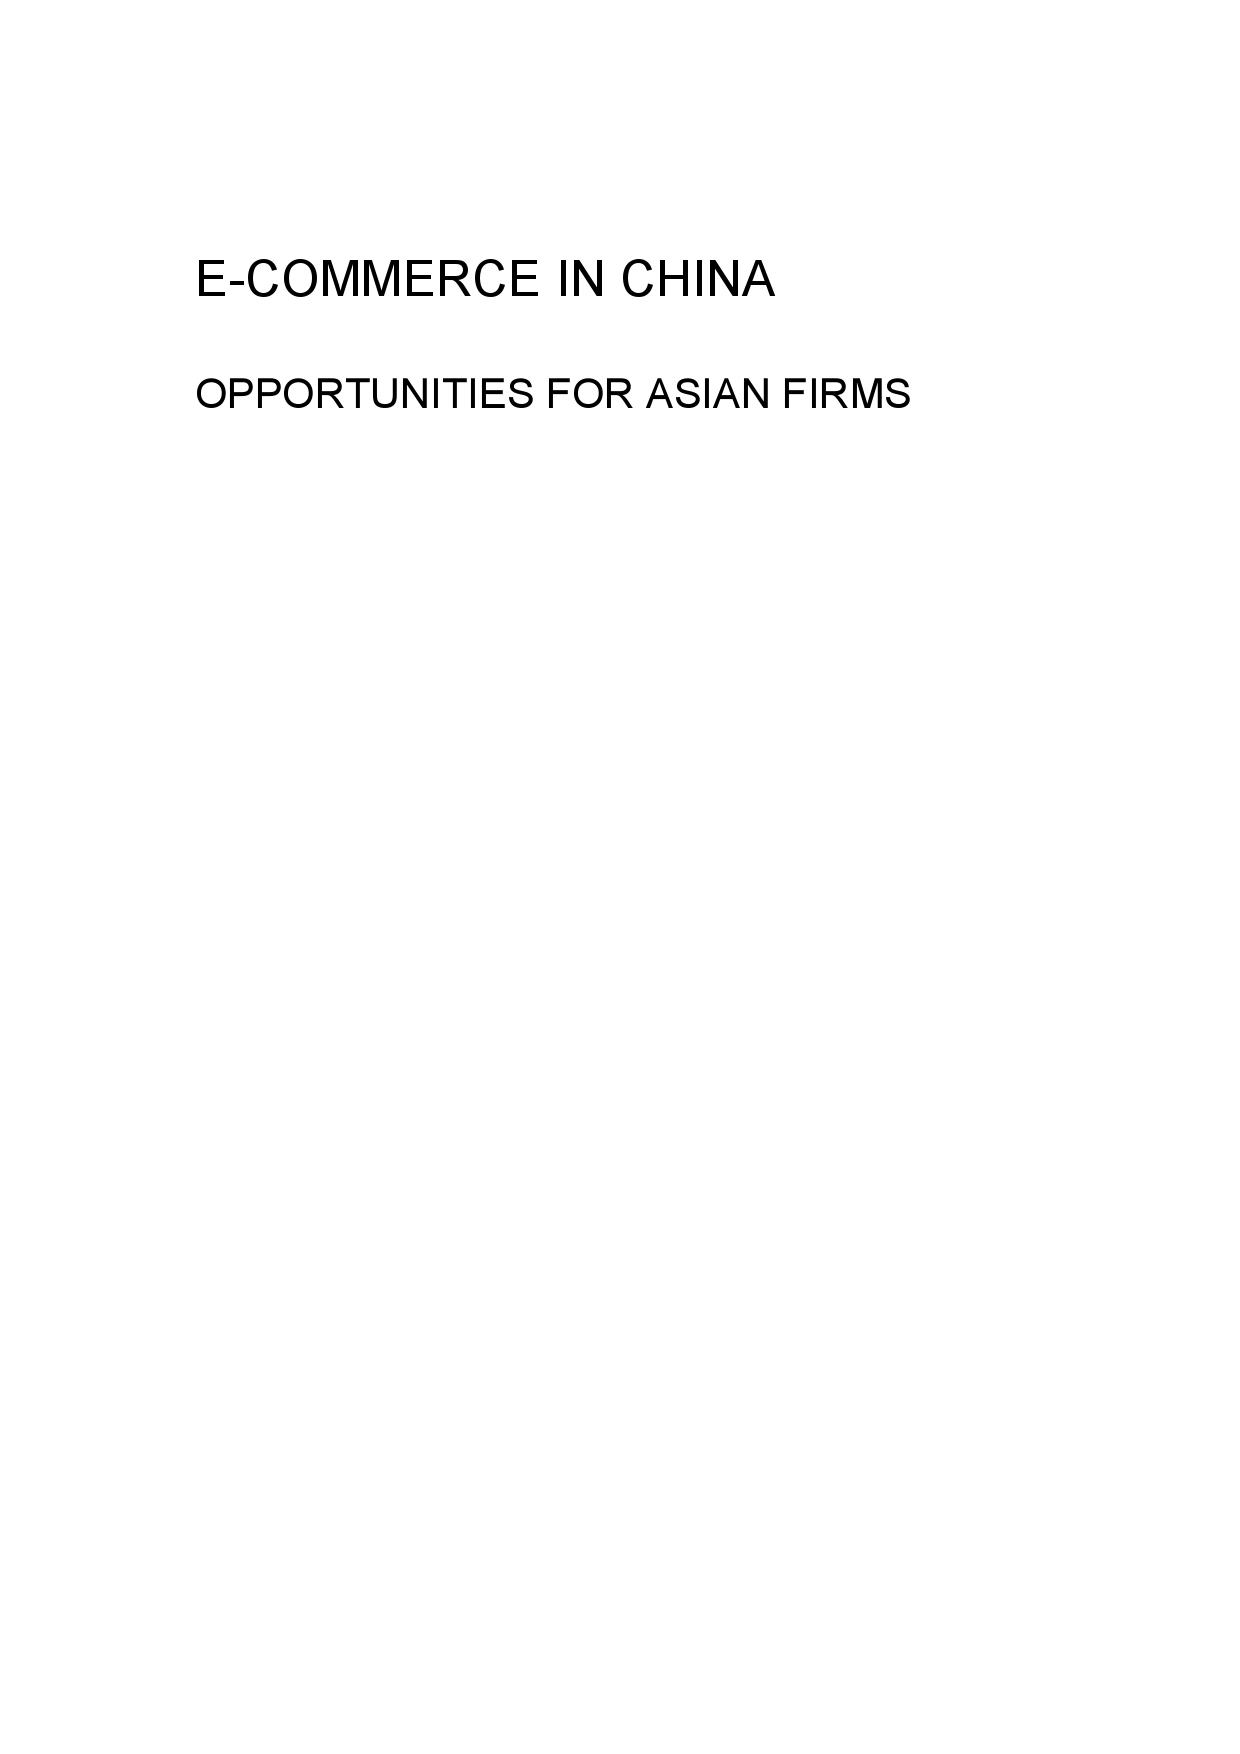 中国电子商务:对亚洲企业的机遇_000003